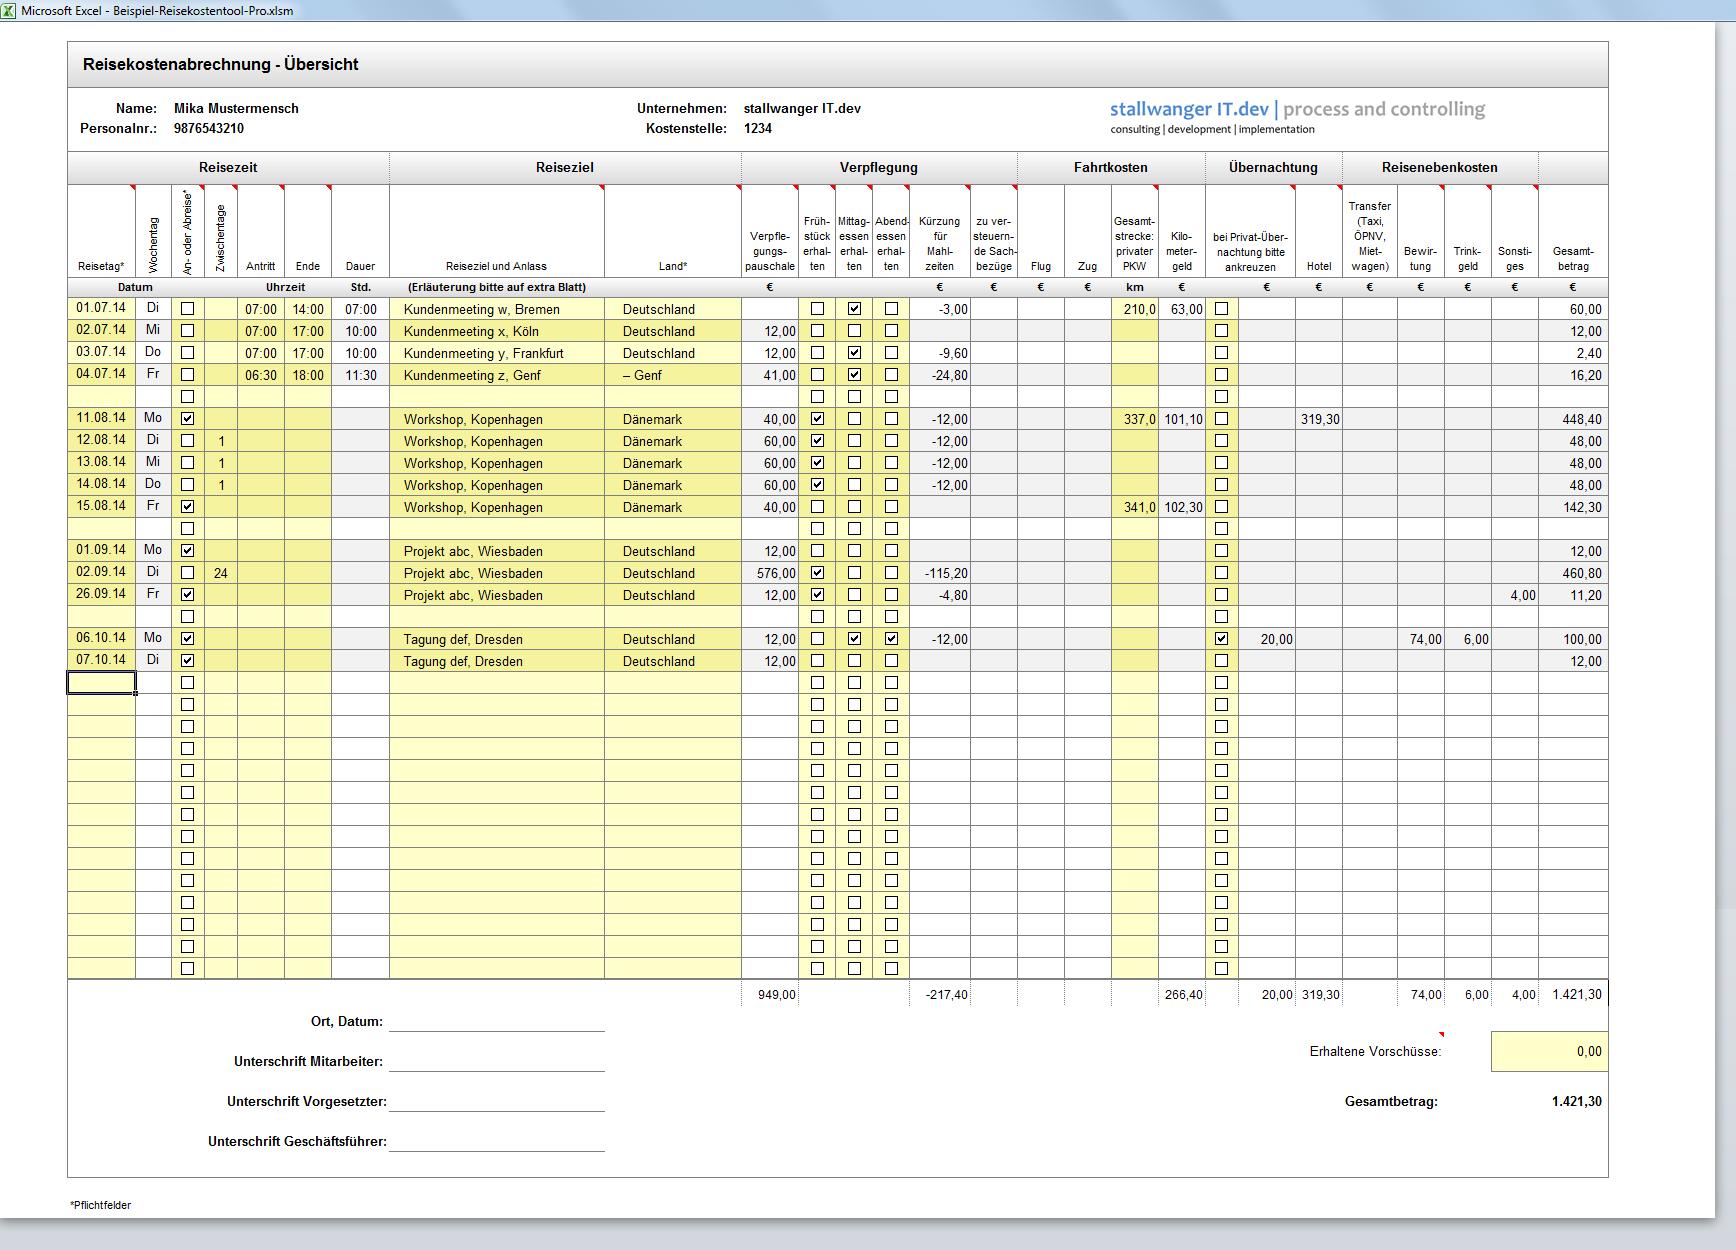 Excel Reisekosten 2016 Vorlage Stallwanger It Dev